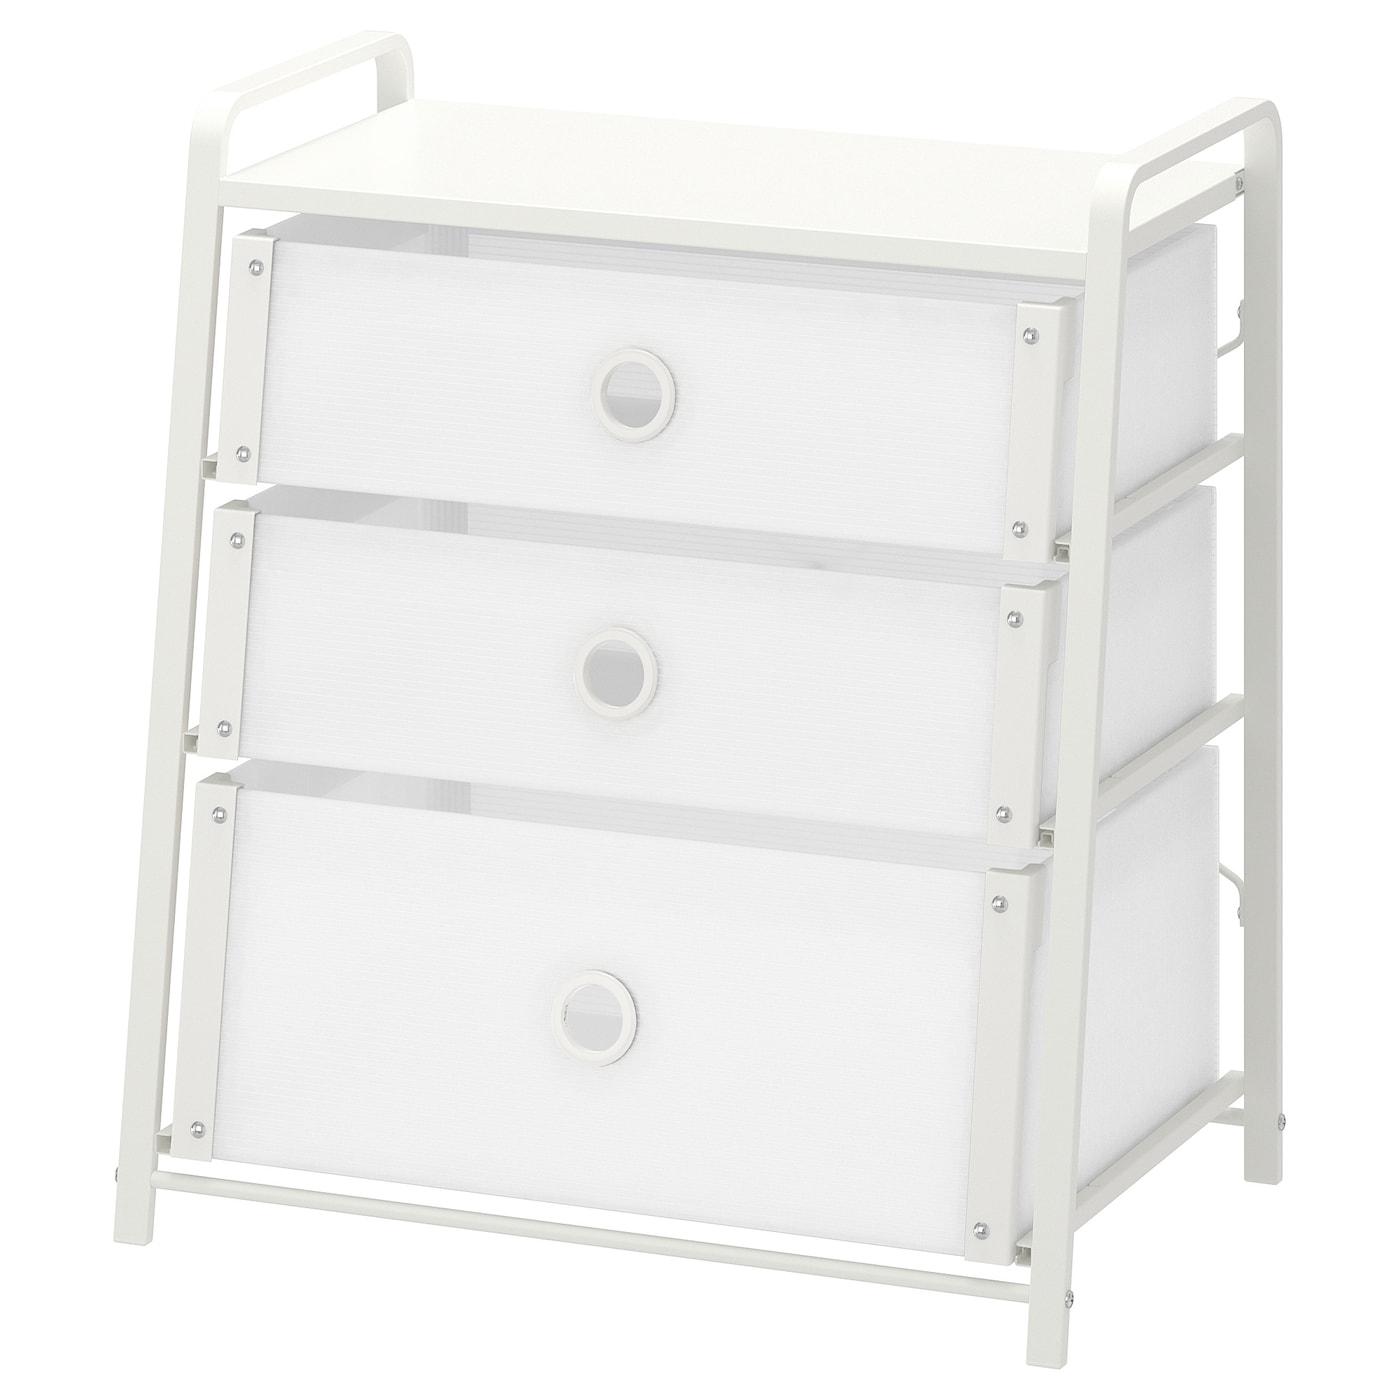 IKEA LOTE biała komoda z trzema szufladami, 55x62 cm